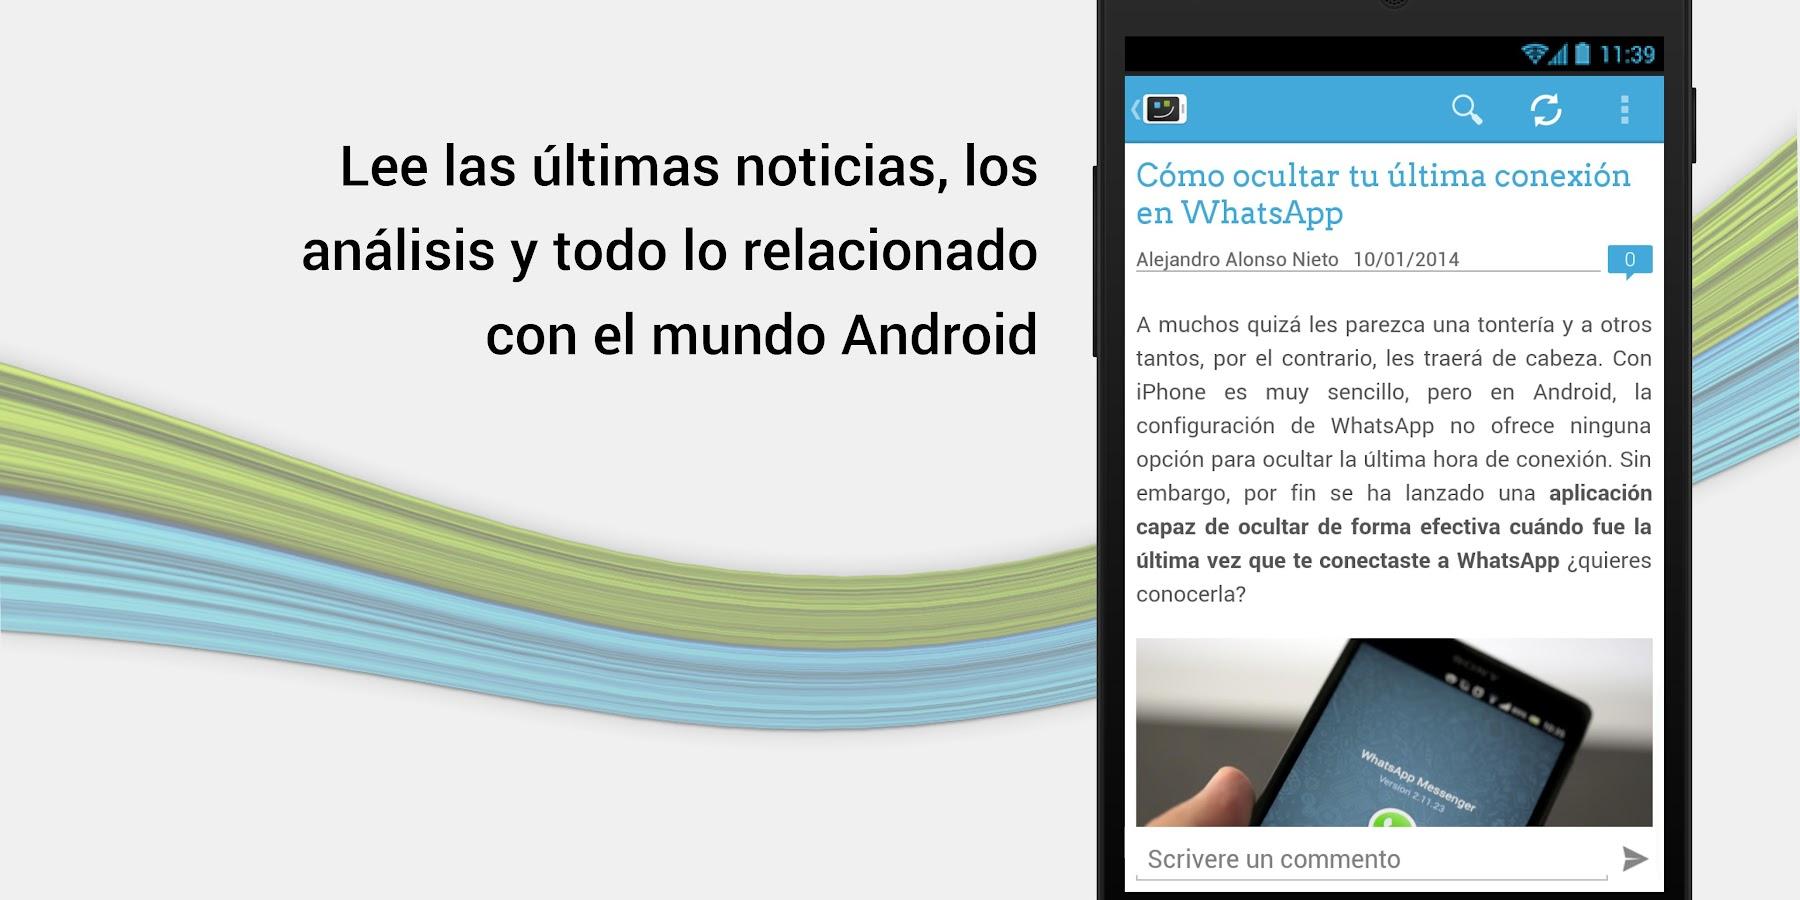 Androidpit apps noticias foro aplicaciones de android for App noticias android